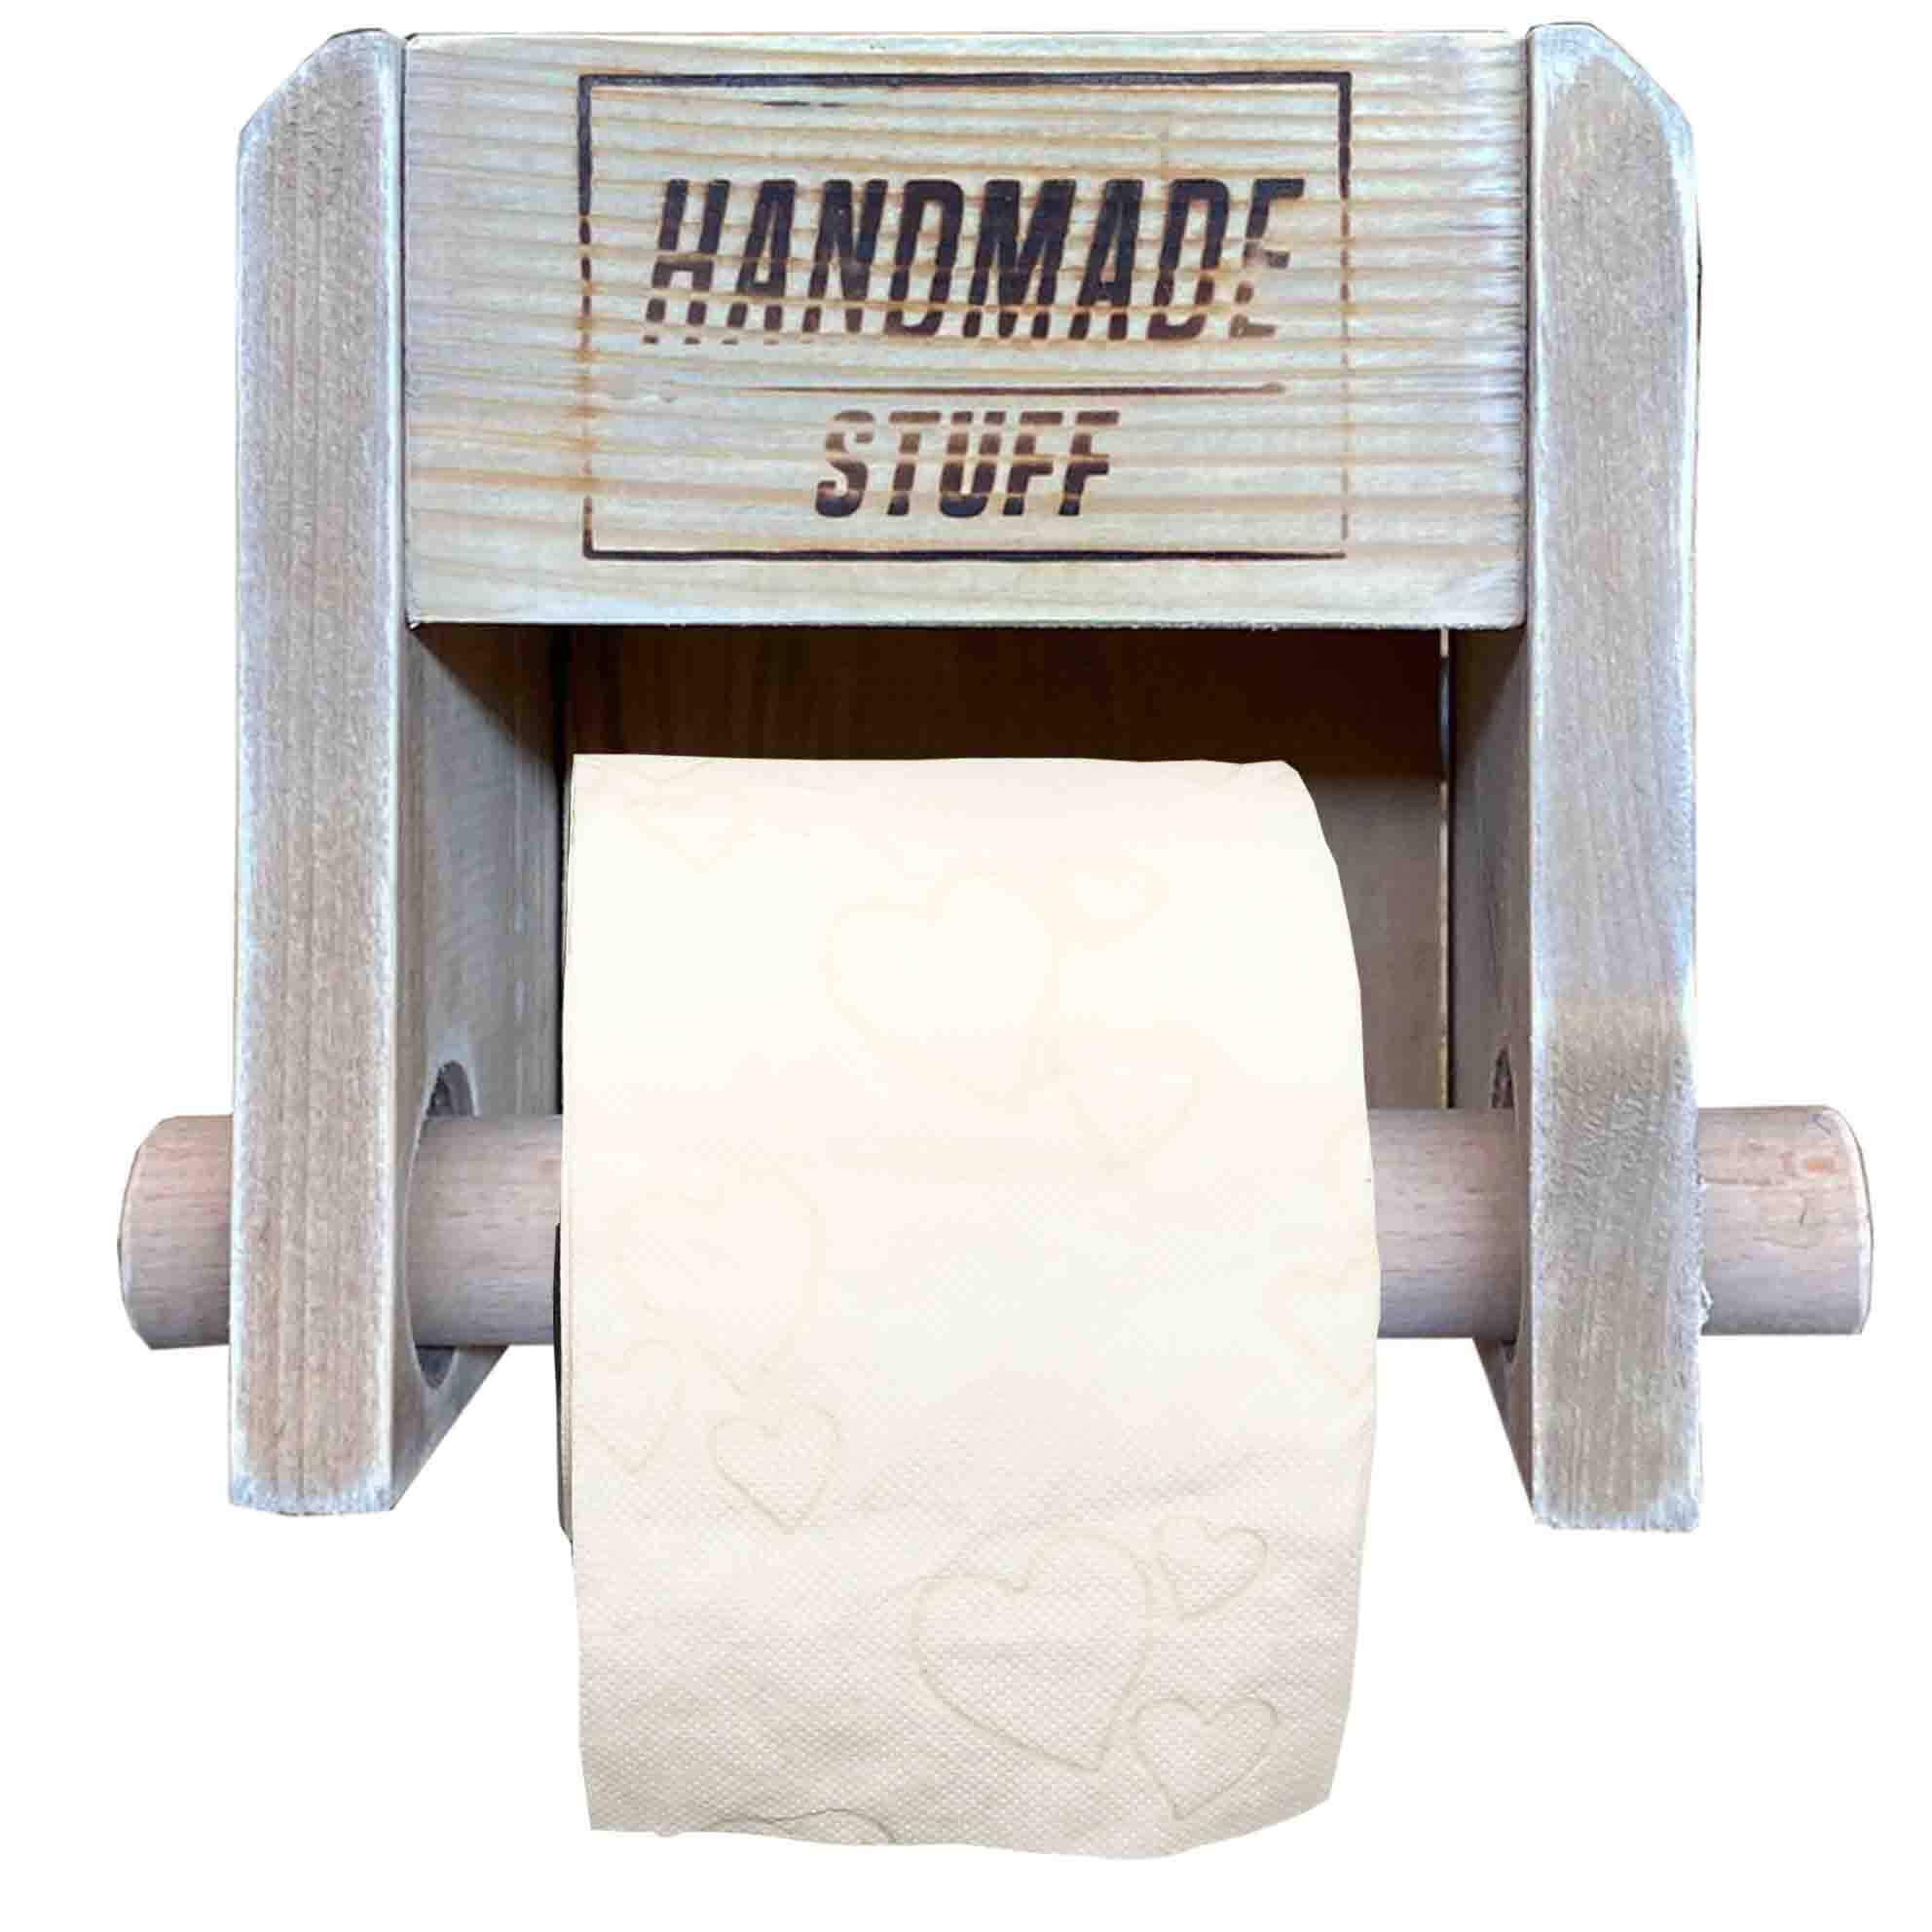 Toilettenpapierhalter aus Paletten-Palettenmöbel